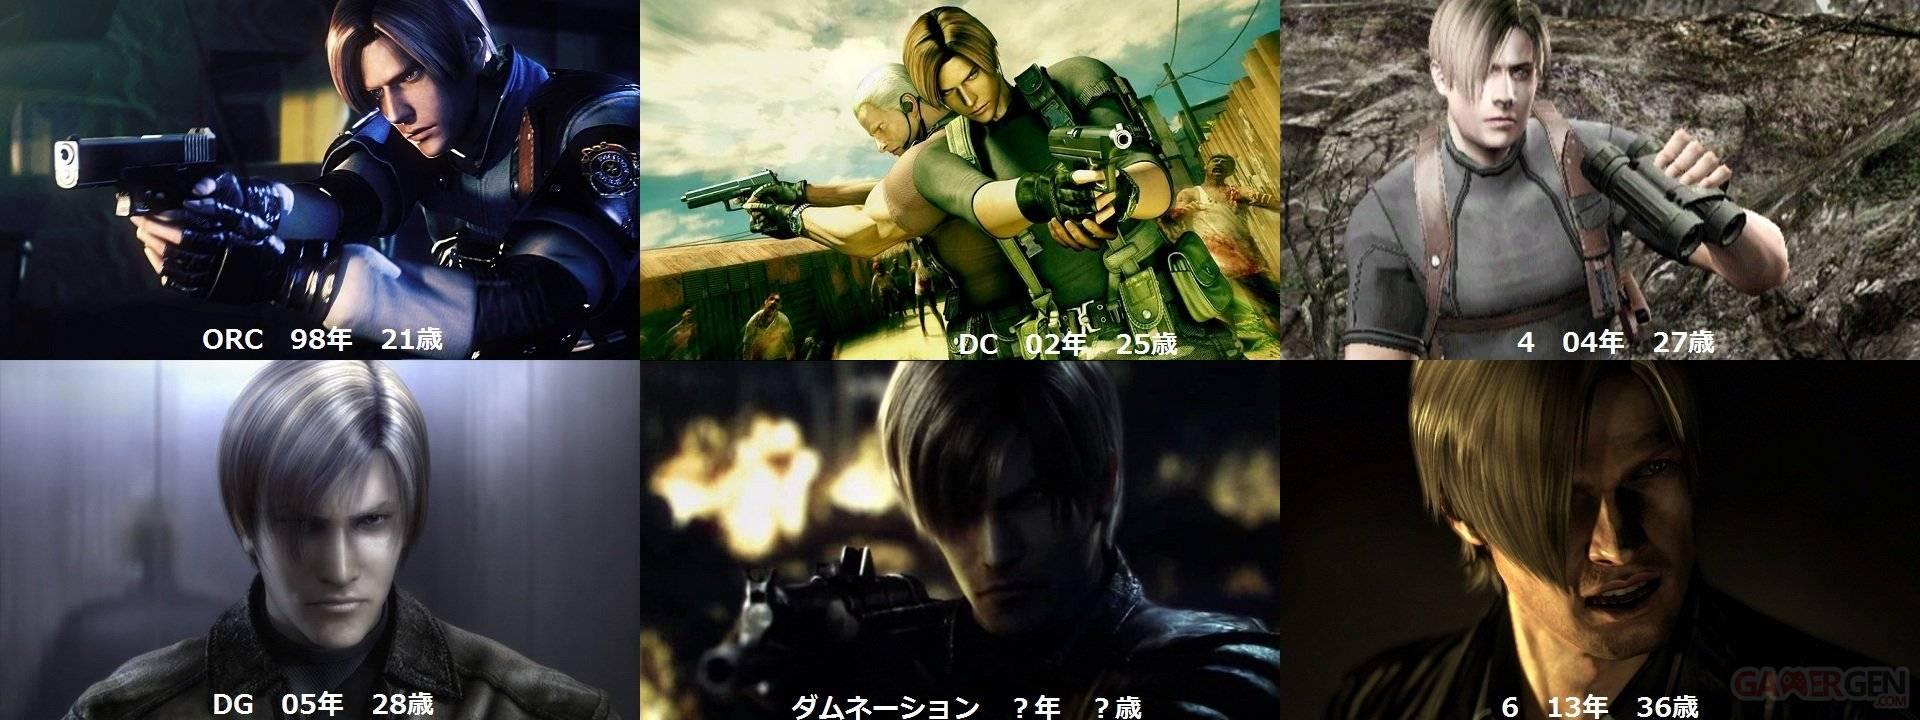 Resident Evil evolution personnage 27.03 (4)